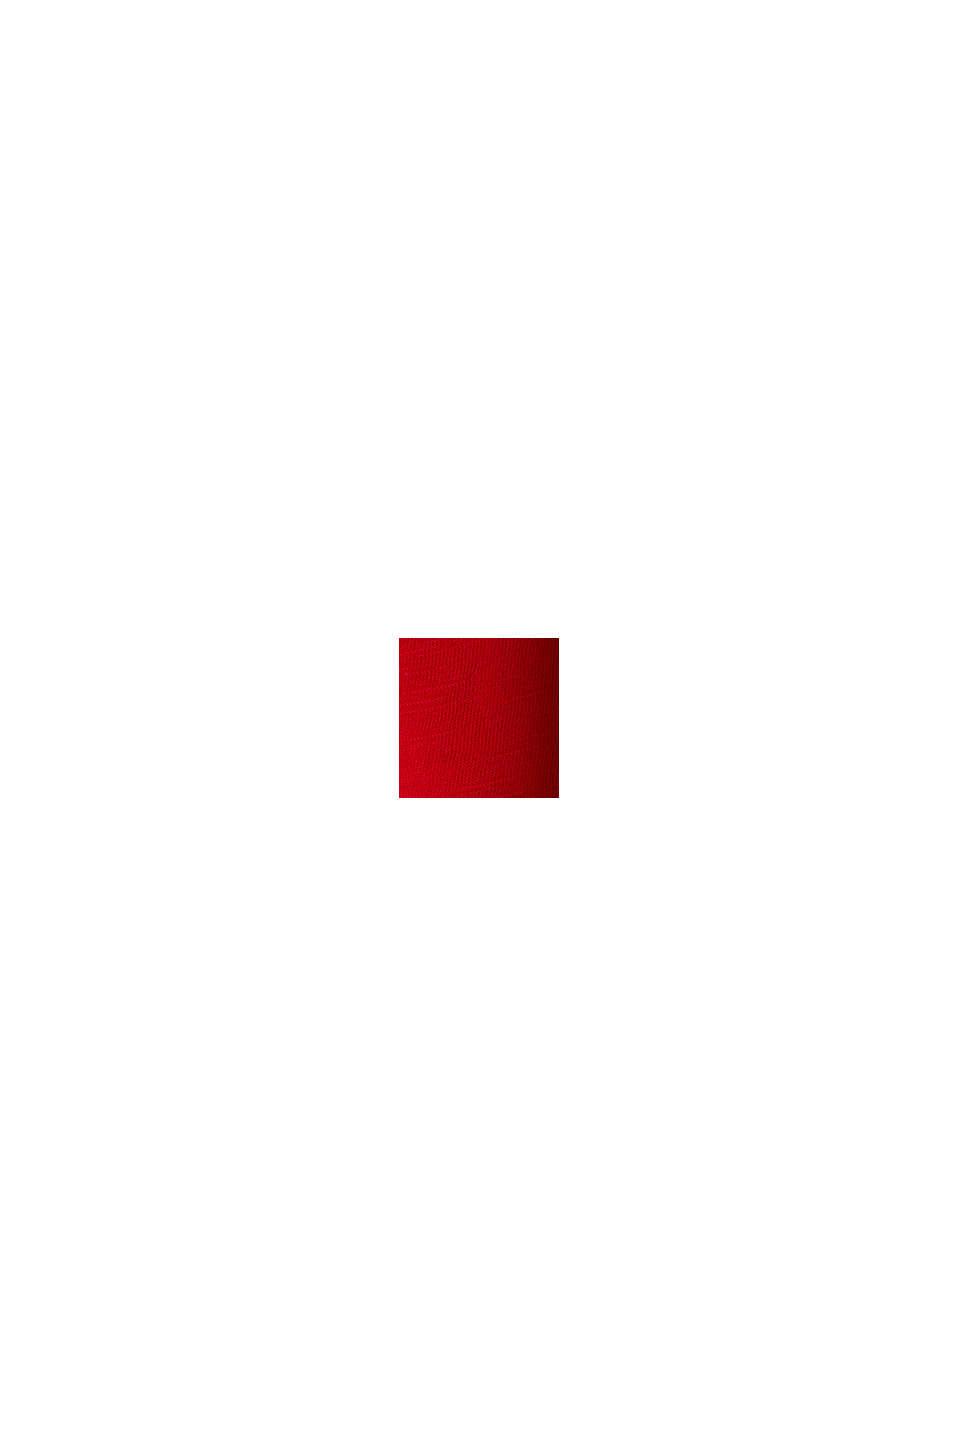 Luftiges Slub-Shirt,100% Baumwolle, DARK RED, swatch